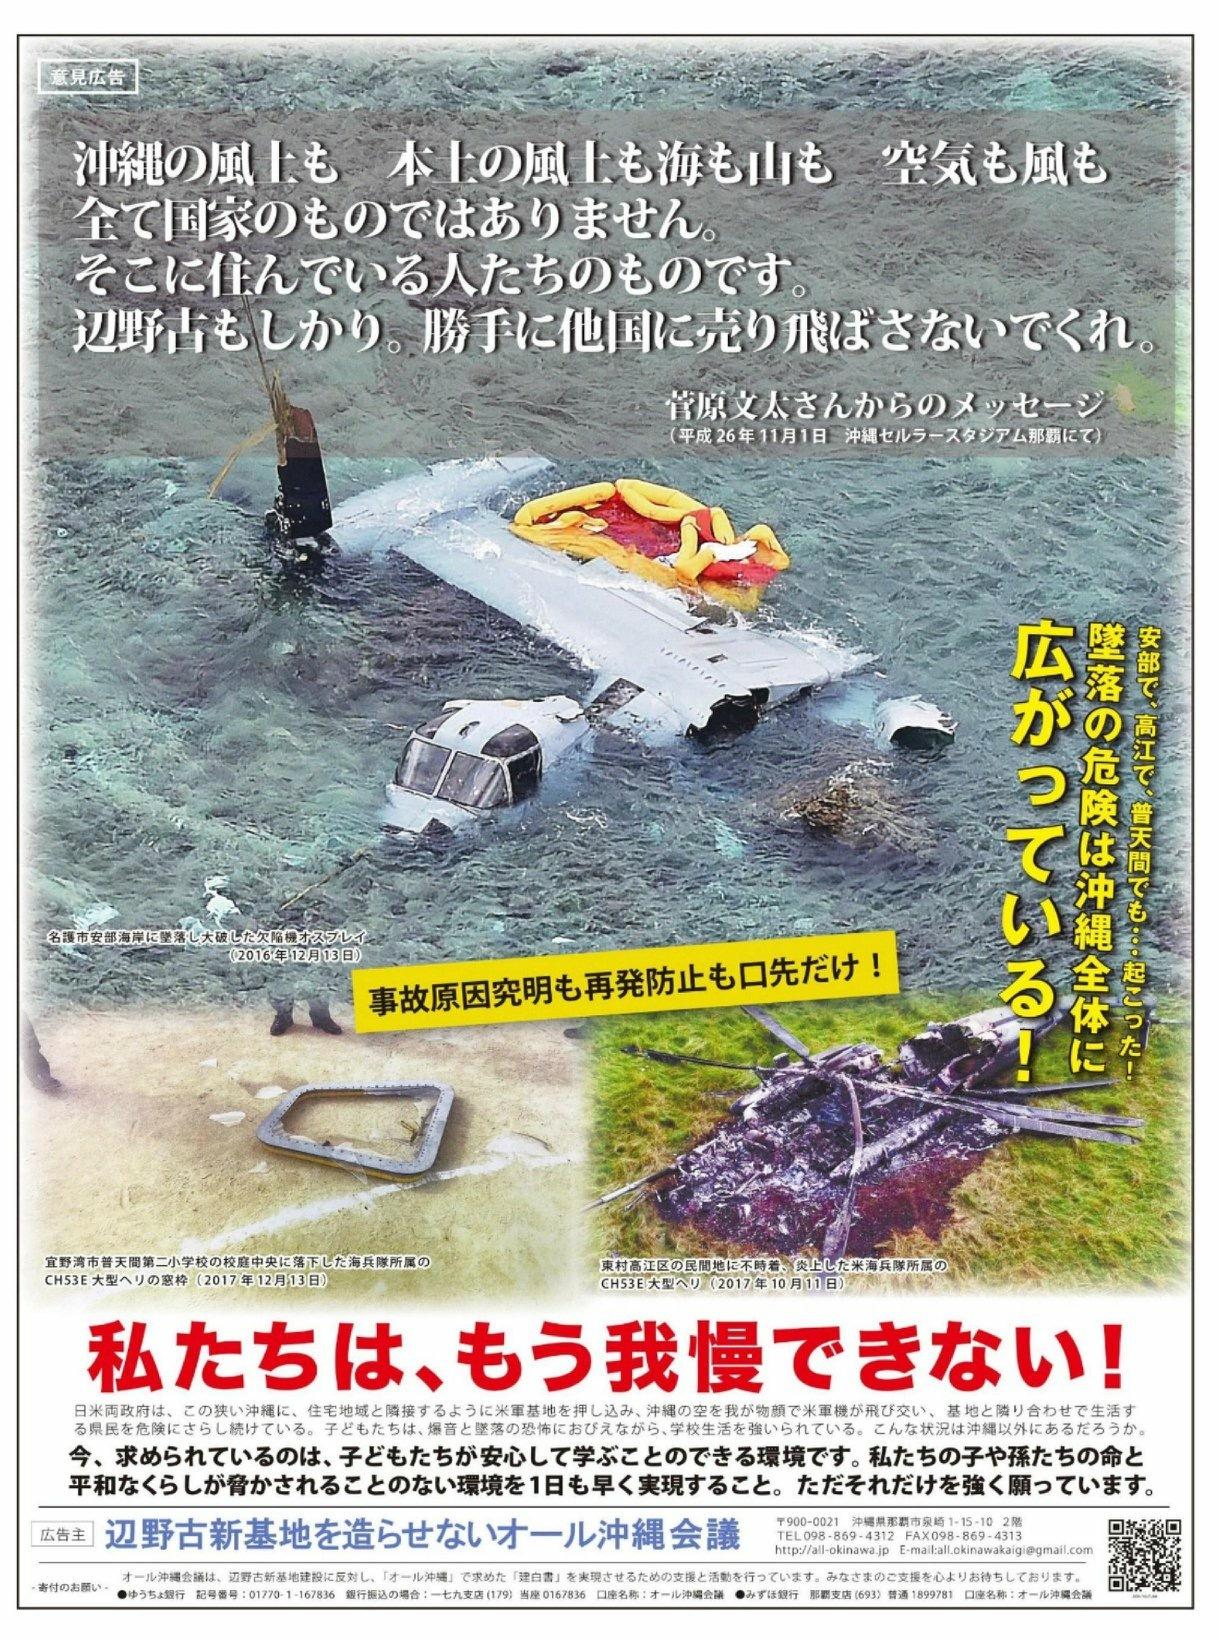 オール沖縄意見広告